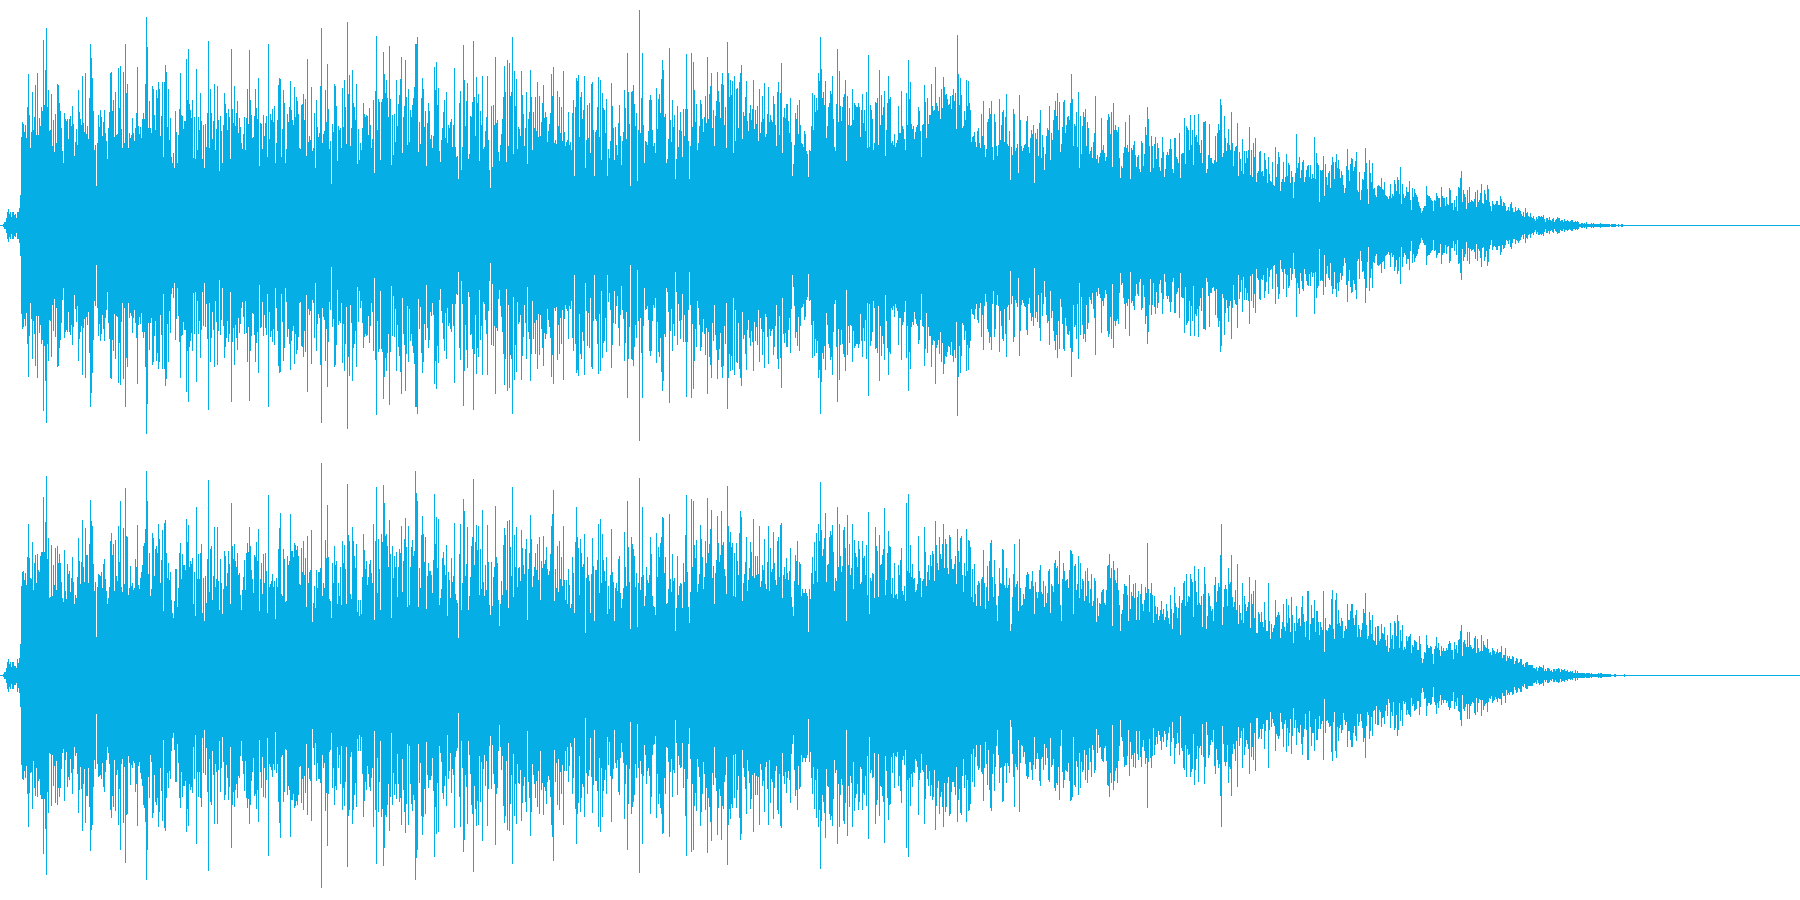 昔の特撮で敵がビーム出してきたような音の再生済みの波形